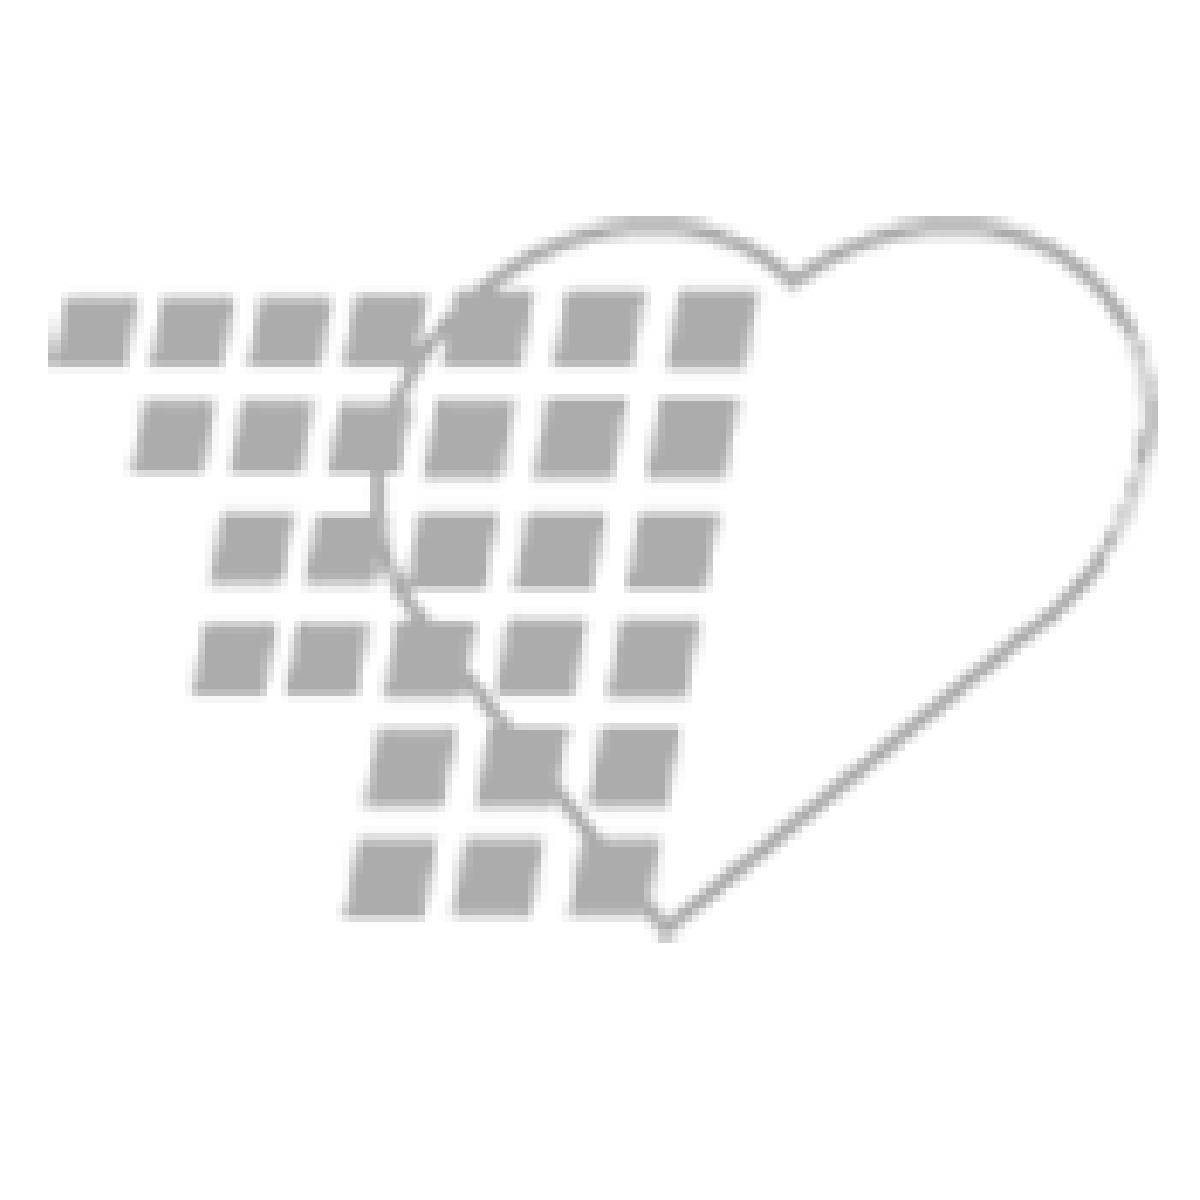 02-99-845 - Adcuff   Bariatric Cuff & Bladder 2 Tube- Burgundy